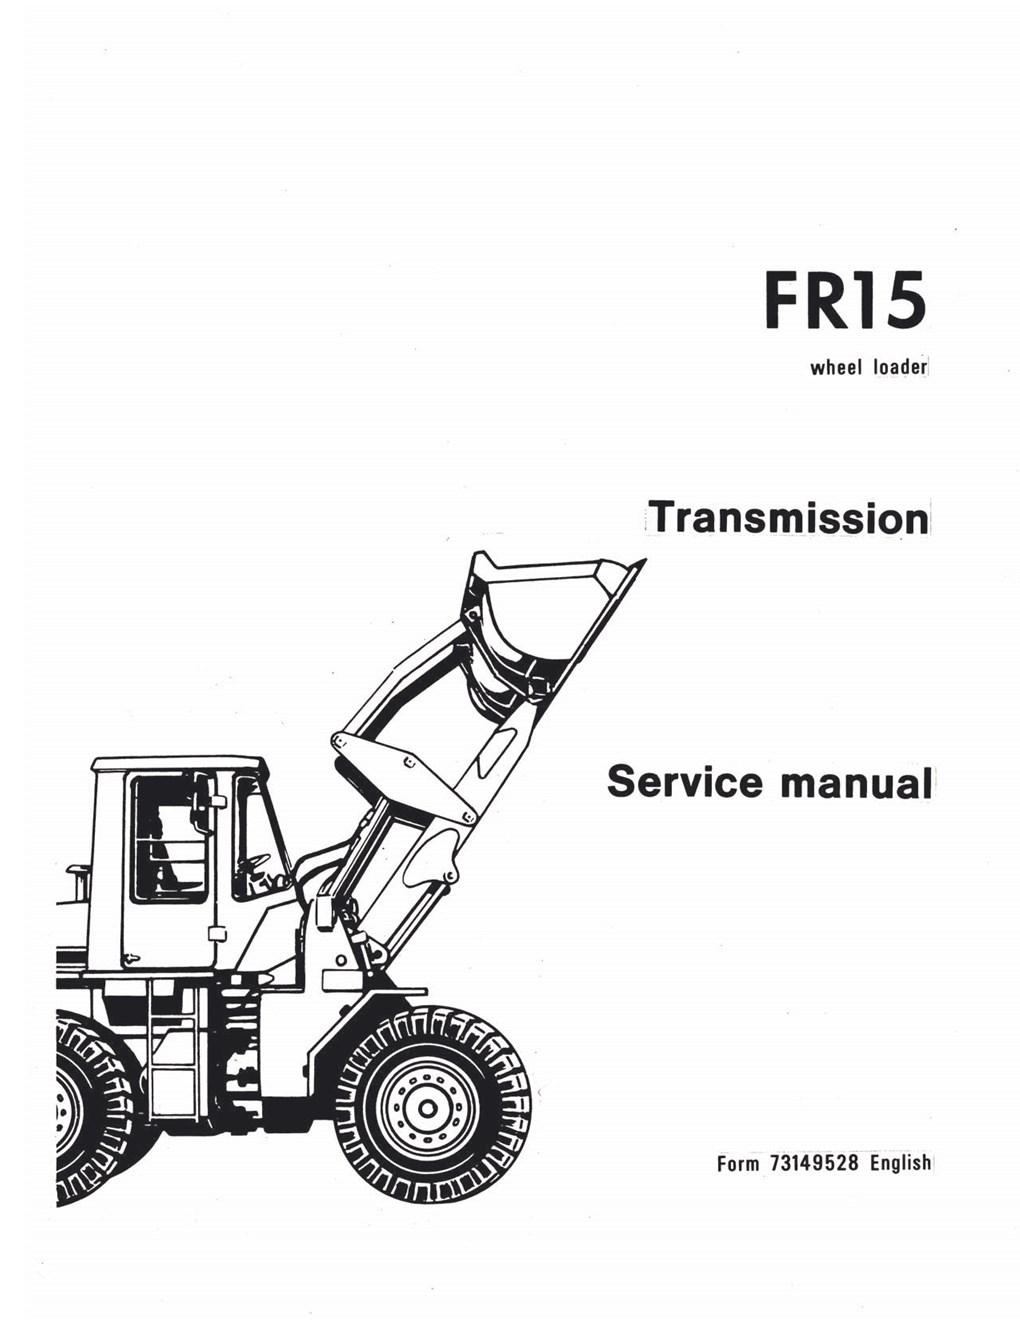 Fiatallis FR15 Wheel Loader Transmission Service Manual